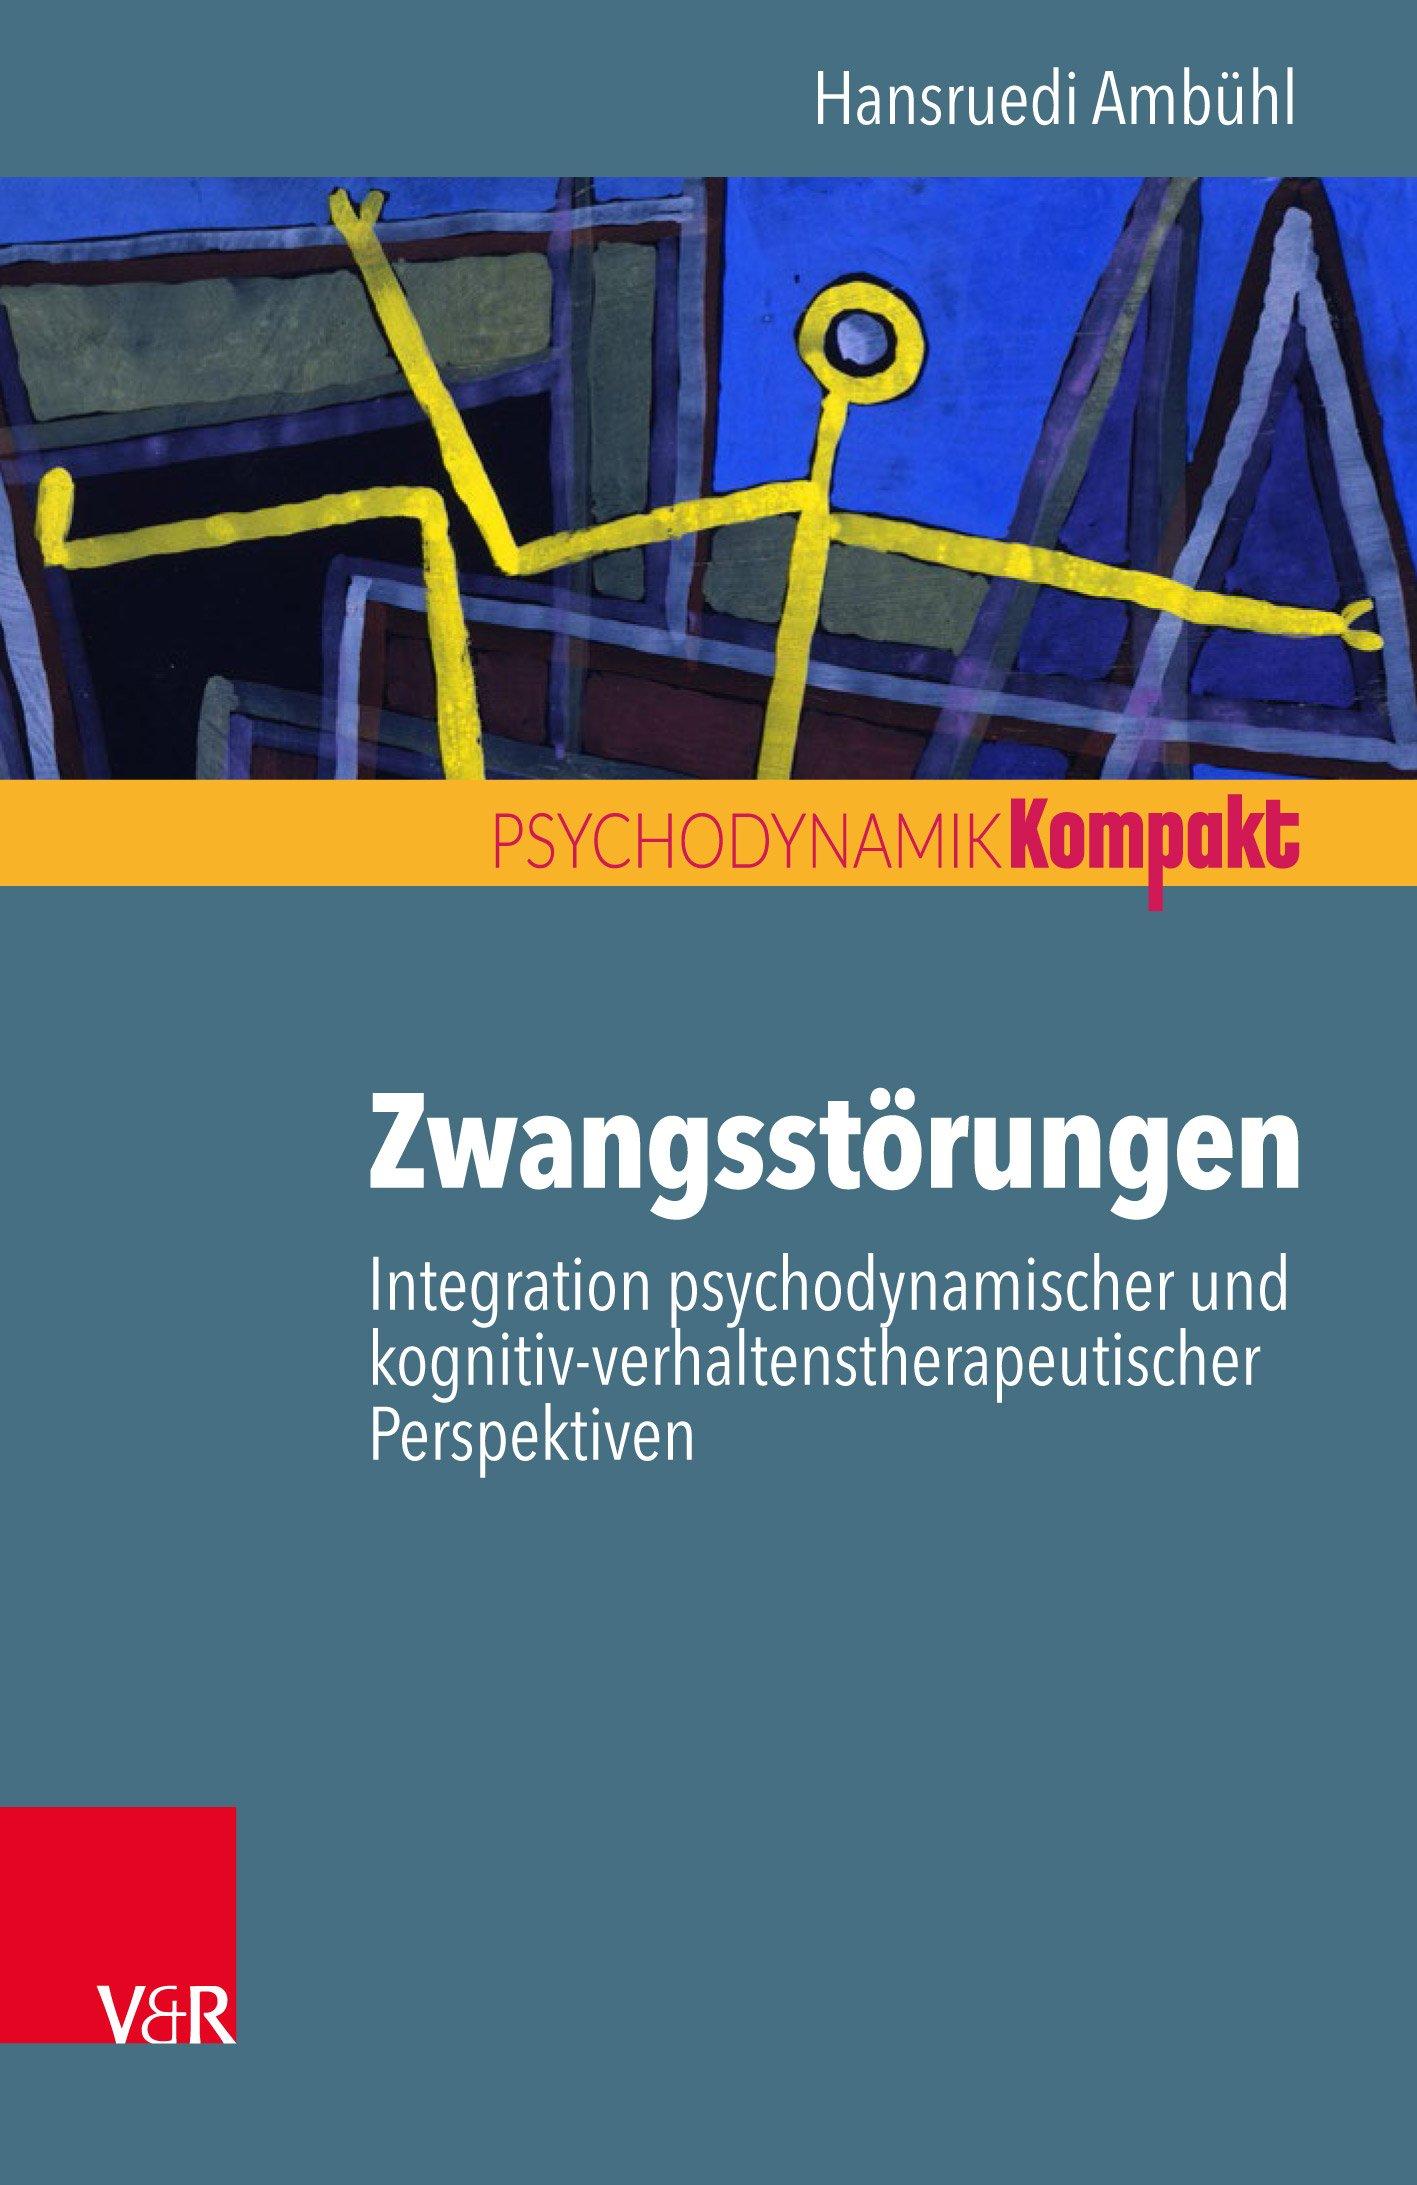 Zwangsstörungen – Integration psychodynamischer und kognitiv-verhaltenstherapeutischer Perspektiven